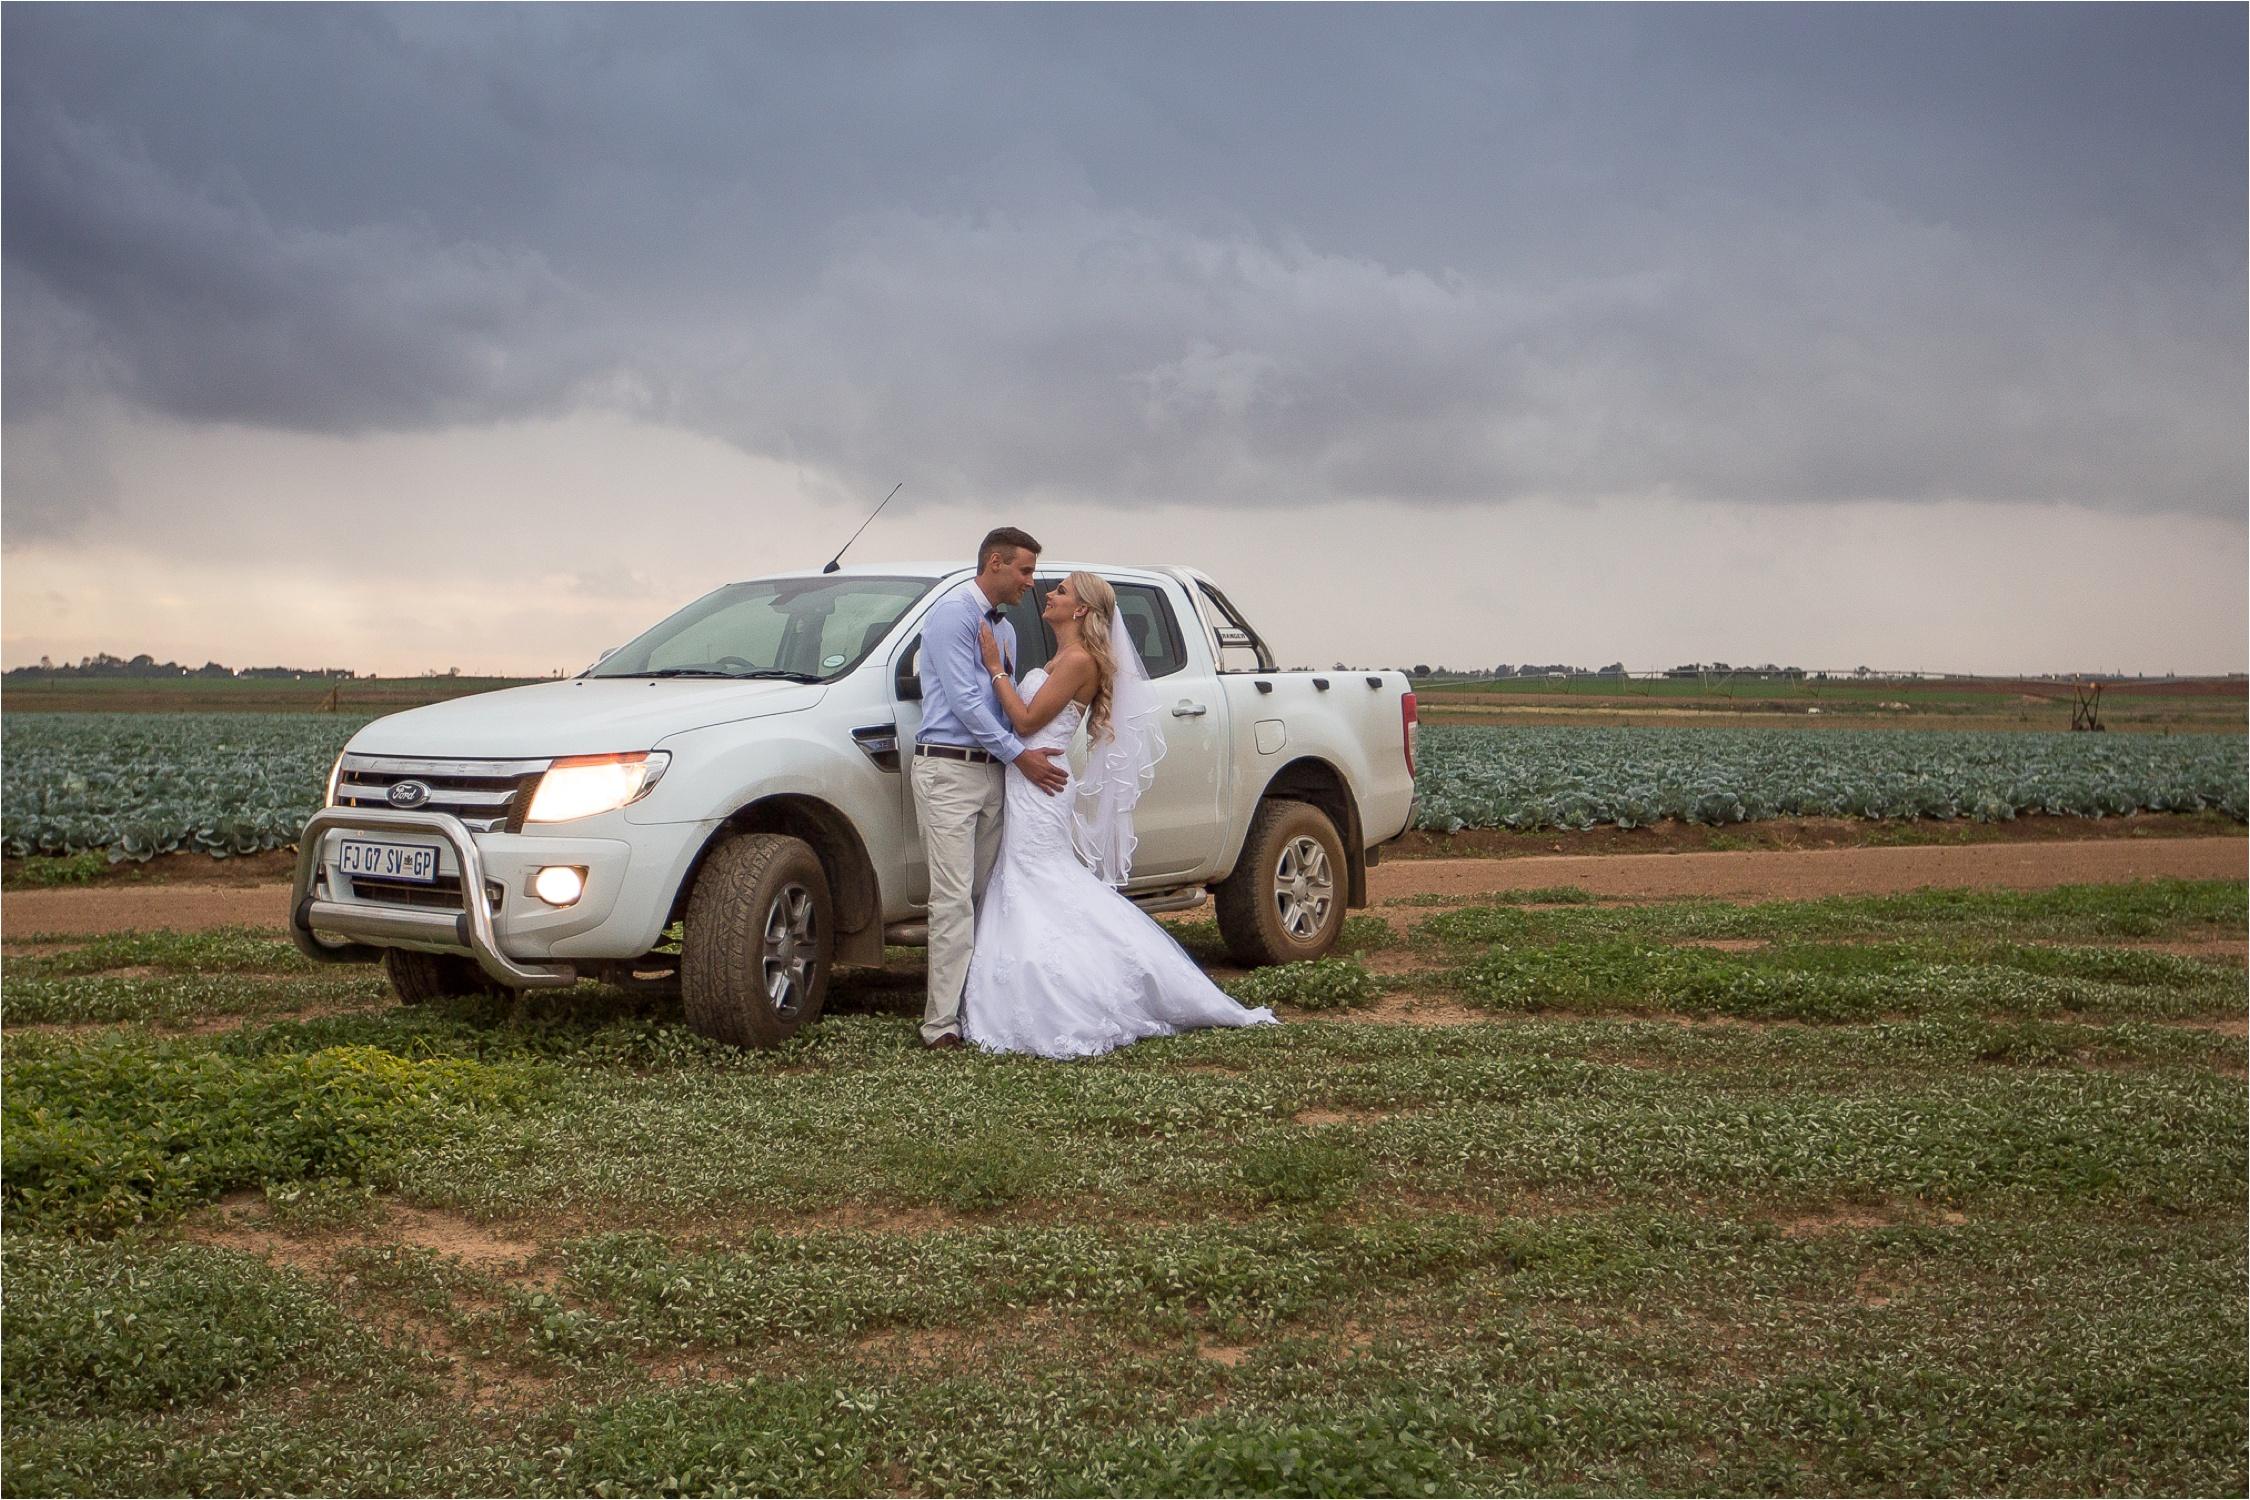 Die_Waenhuiskraal_wedding_Alicia_Dwayne_63